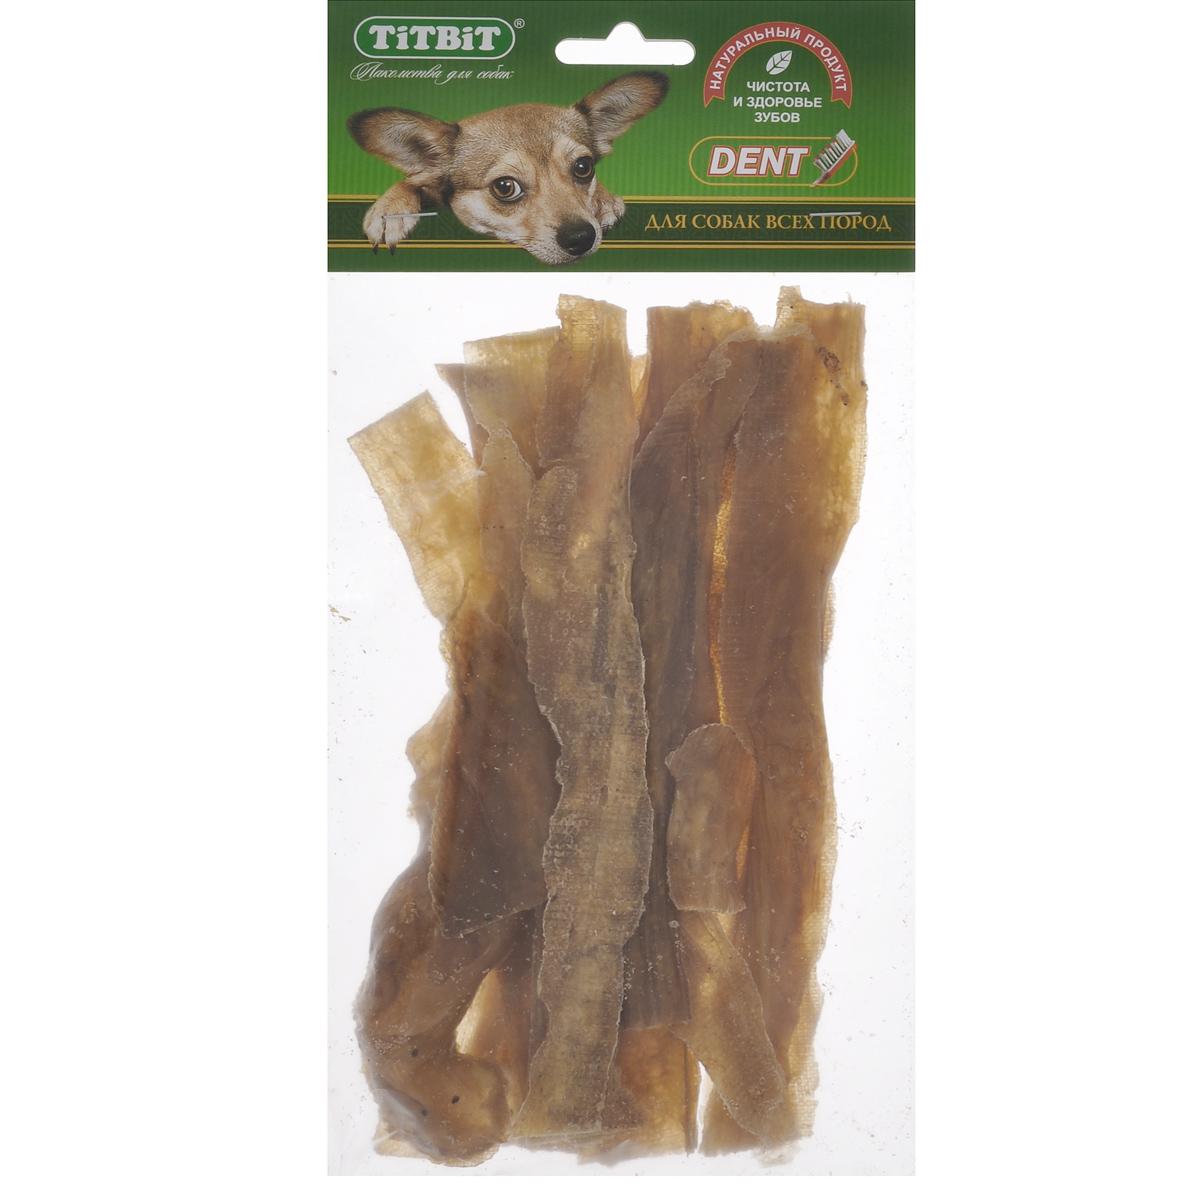 Лакомство для собак Titbit кишки говяжьи, хворост9090Лакомство для собак Titbit представляет собой высушенные на плоскости пластинки говяжьих кишок длиной 19 см. Упаковка содержит 8-10 штук. Легкоусвояемое лакомство, богатое витаминами и ферментами микрофлоры кишечника крупного рогатого скота. Имеет большую энергетическую ценность из-за повышенного содержания жира. Богато легко усвояемыми протеинами, которые содержат все незаменимые аминокислоты (усваиваются на 90-95%).Titbit содержит минеральные вещества в большем количестве, чем все остальные продукты (в том числе кальций, магний и фосфор), жирорастворимые витамины, а также водорастворимые витамины. Очищает зубы у мелких пород собак, продуктполезен для стимуляции пищеварения. Вкус: говядинаСостав: высушенные говяжьи кишки.Условия хранения: хранить в сухом прохладном месте. Товар сертифицирован.